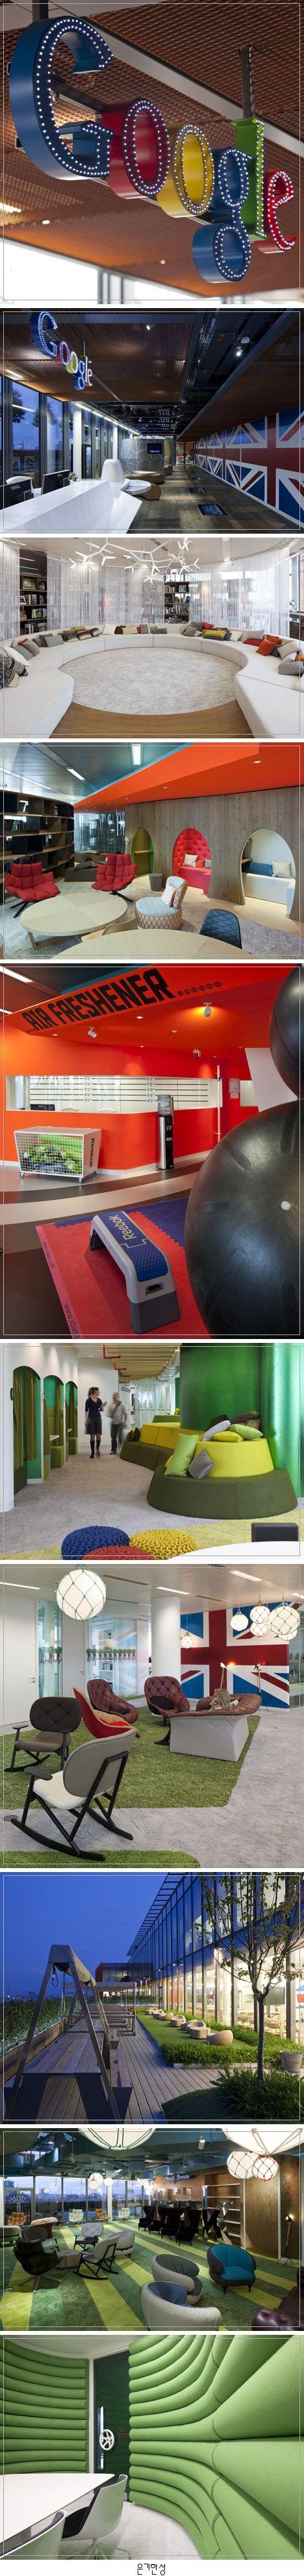 구글 런던 본사(Google London Headquarters) 사무실 인테리어 디자인  런던에 위치한 구글 본사 인테리어 디자인 입니다. 앞서 포스팅한 구글 런던 캠퍼스와 비교하면 좀더 사무적인 디자인  입니다. 사무환경의 컬러의 변화만으로도 업무 효율이 늘어난다는 발표가 있는데, 사무환경이 이렇게 변한다면 업무효  율을 떠나서 주변 사람들에게 사무실 자랑하다 없던 애사심도 생기겠어요. 참고로 북미의 사무실 인테리어는 우리나라  처럼 폐쇄적인 성향을 강하게 띠는 방면 유럽에서는 파티션이 낮은 오픈형 타입의 디자인을 선호한답니다.